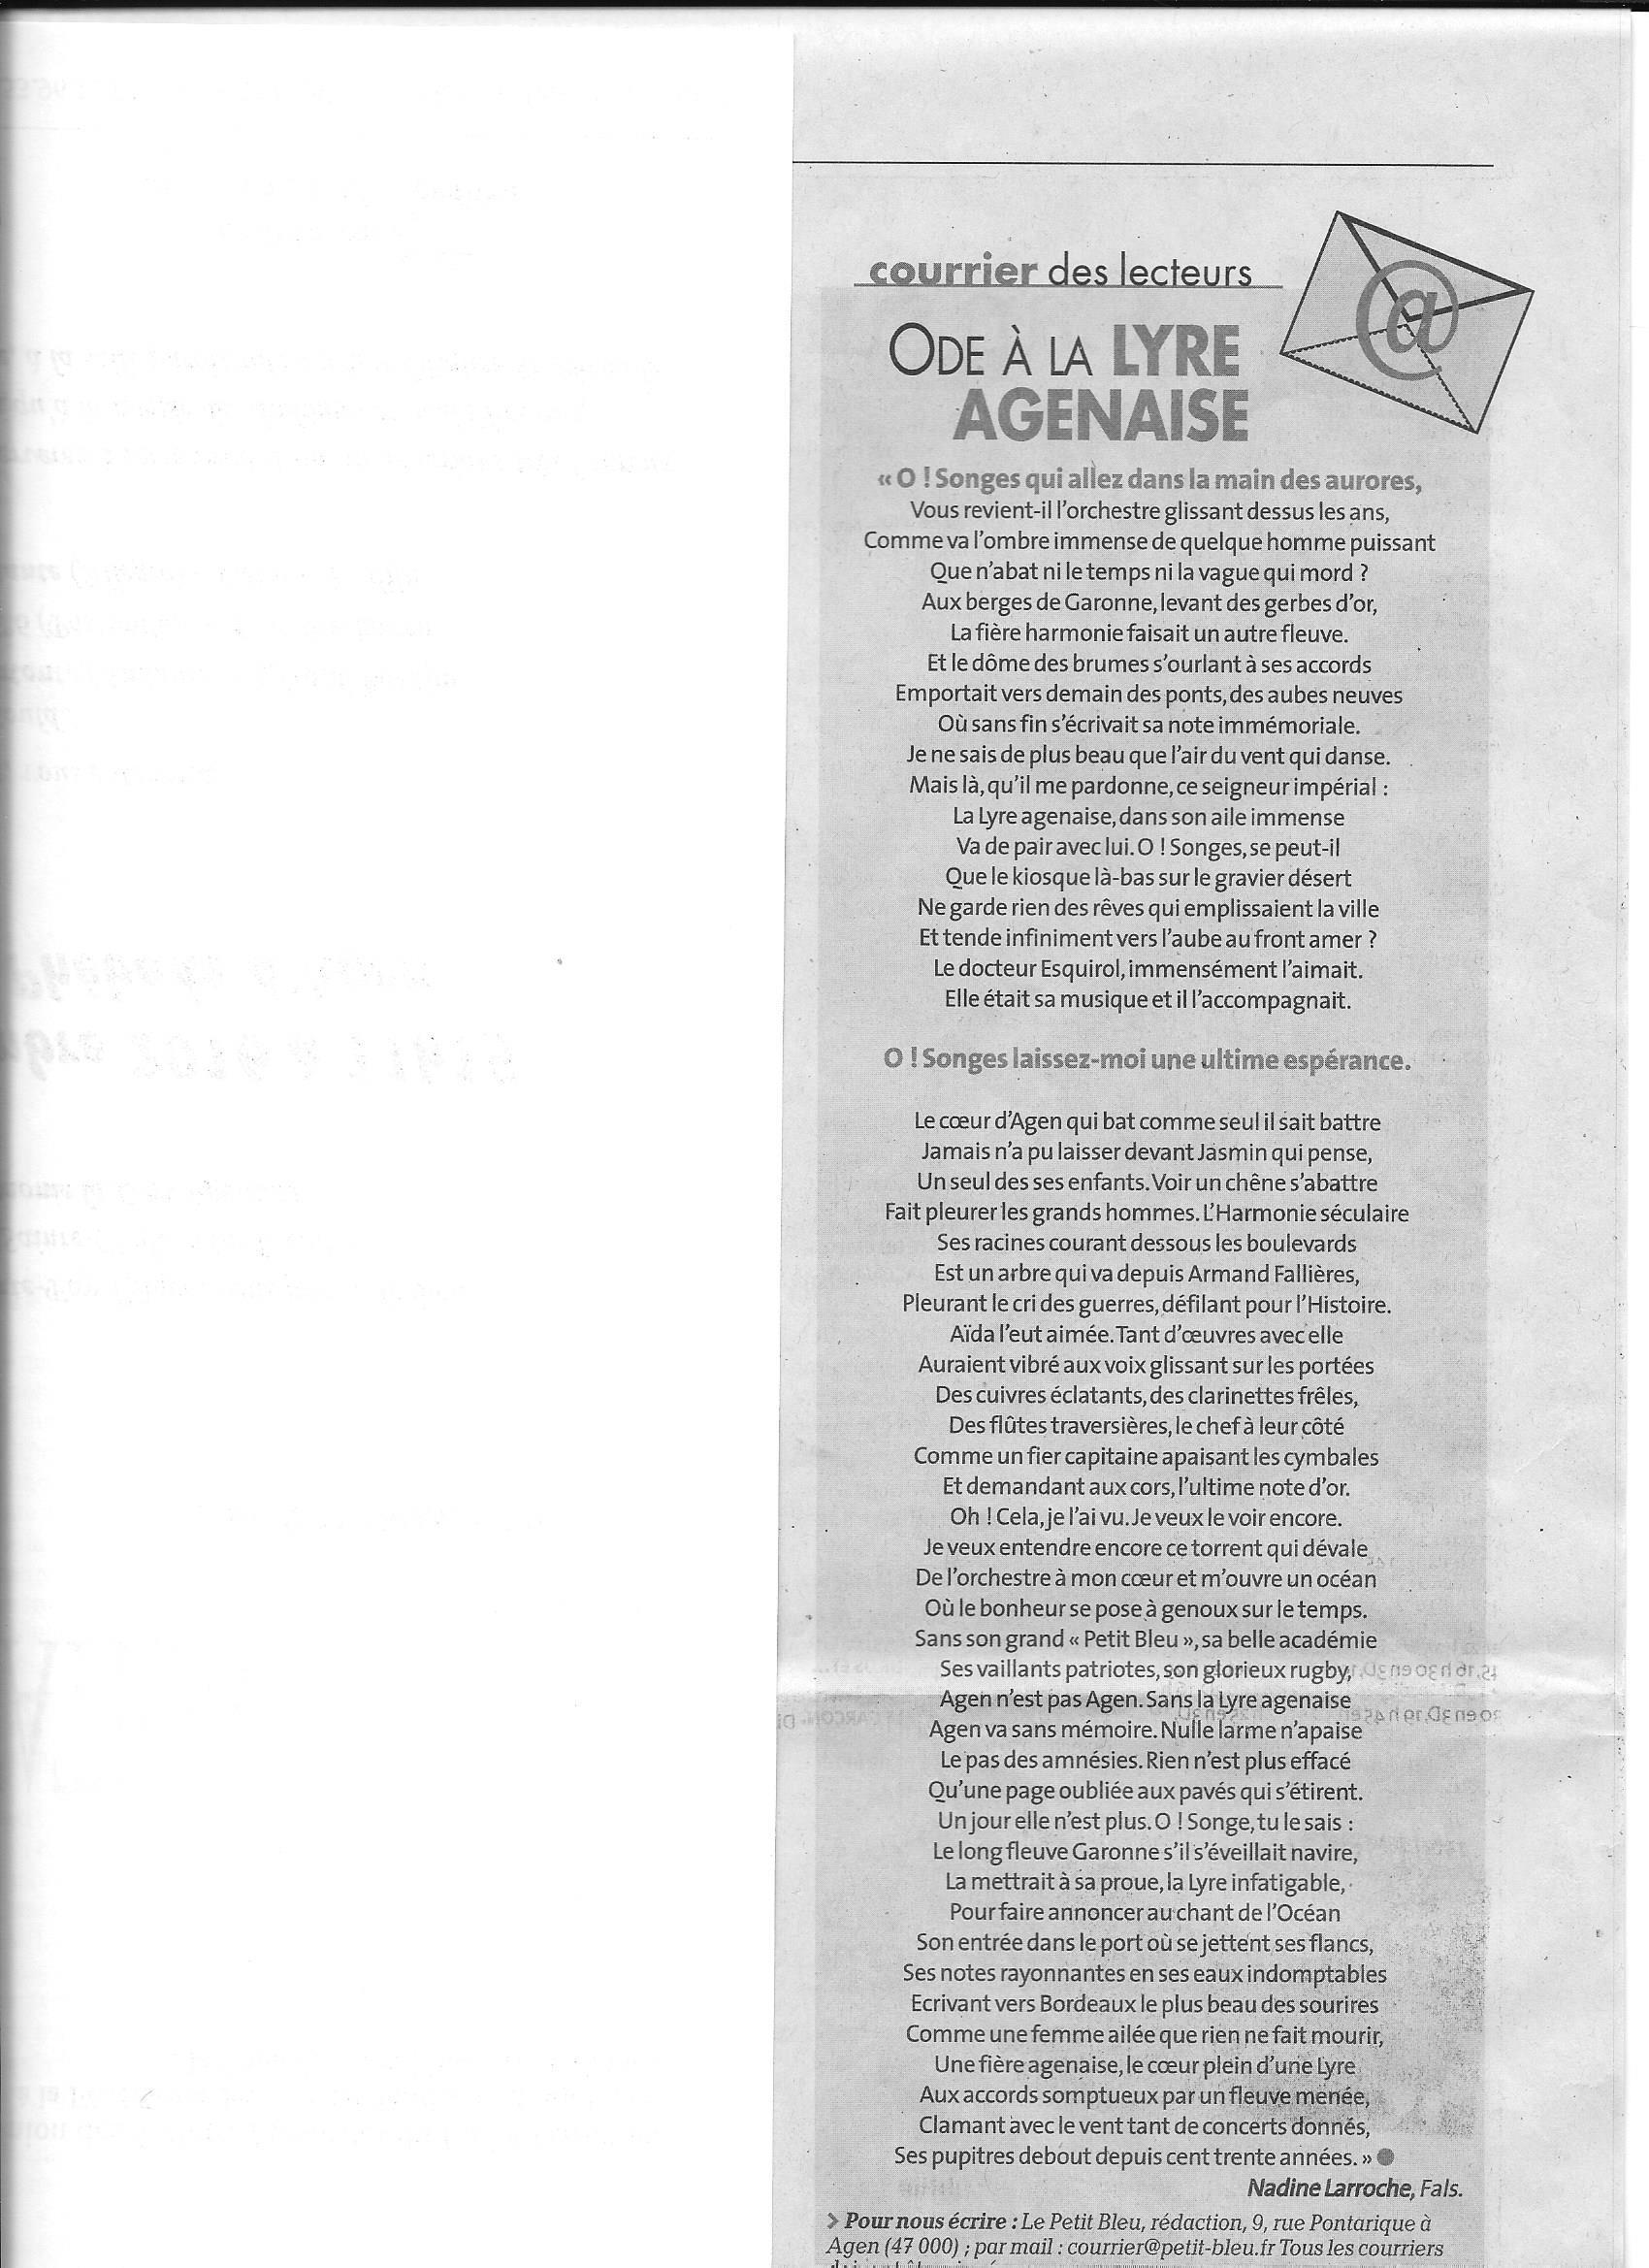 Le poème écrit par Nadine Larroche de Fals(47)